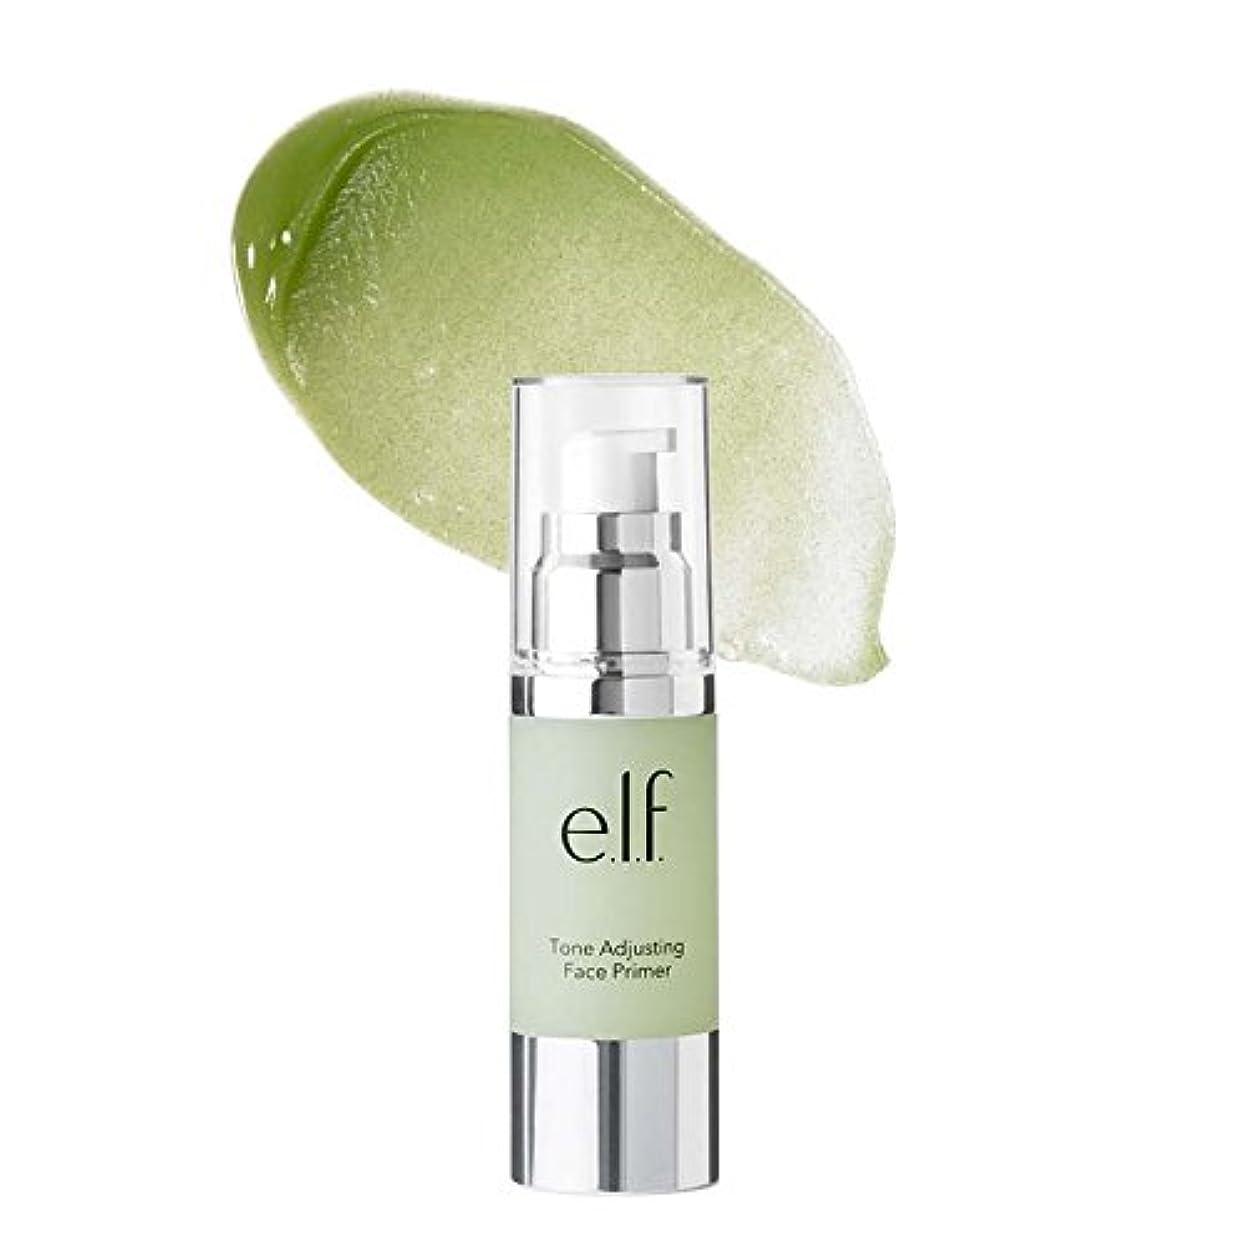 オーケストラ終わった病気だと思う(3 Pack) e.l.f. Tone Adjusting Face Primer Large - Neutralizing Green (並行輸入品)